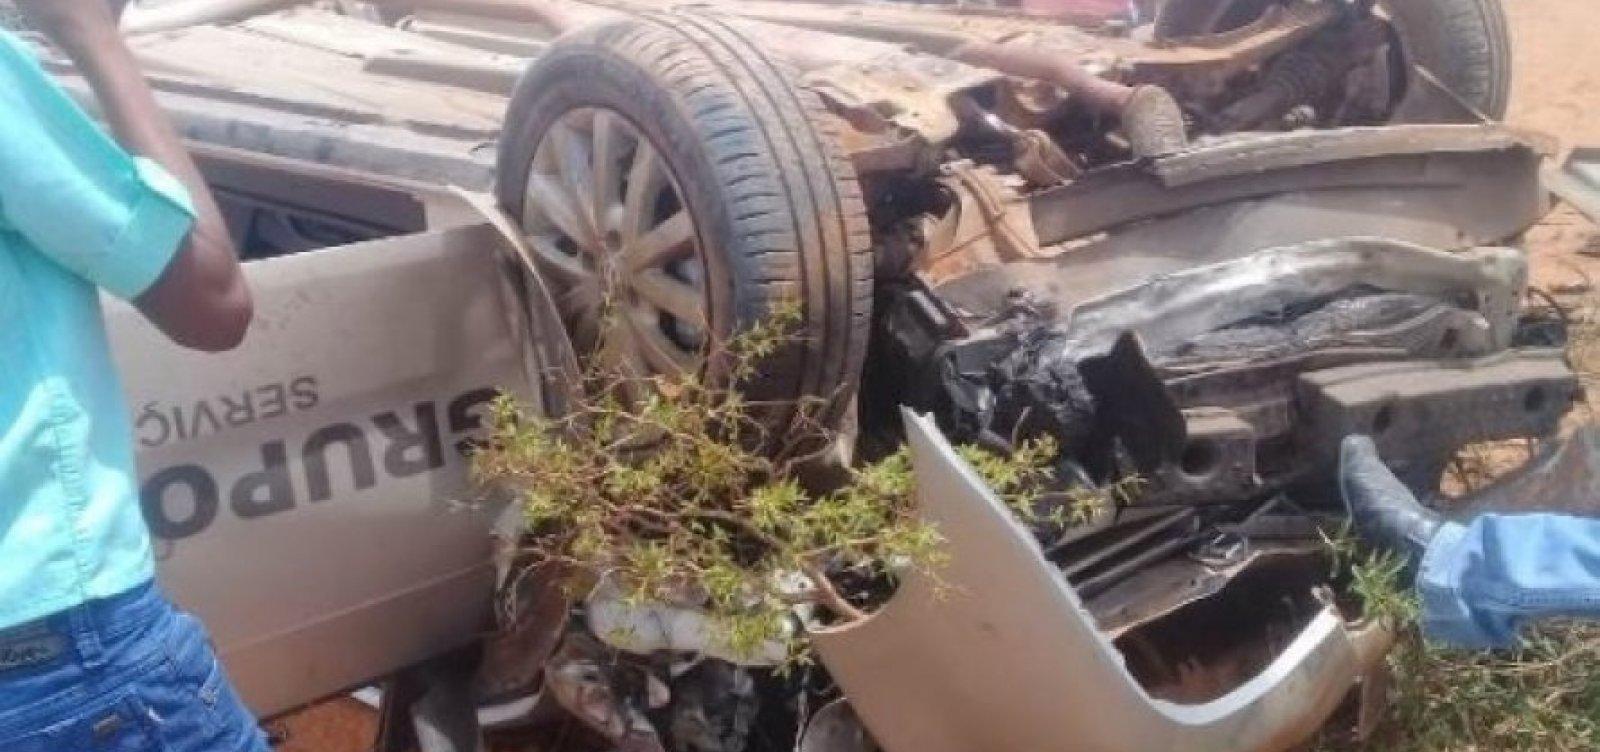 Motorista funerário surta e provoca acidente após fugir de cemitério com corpo no caixão